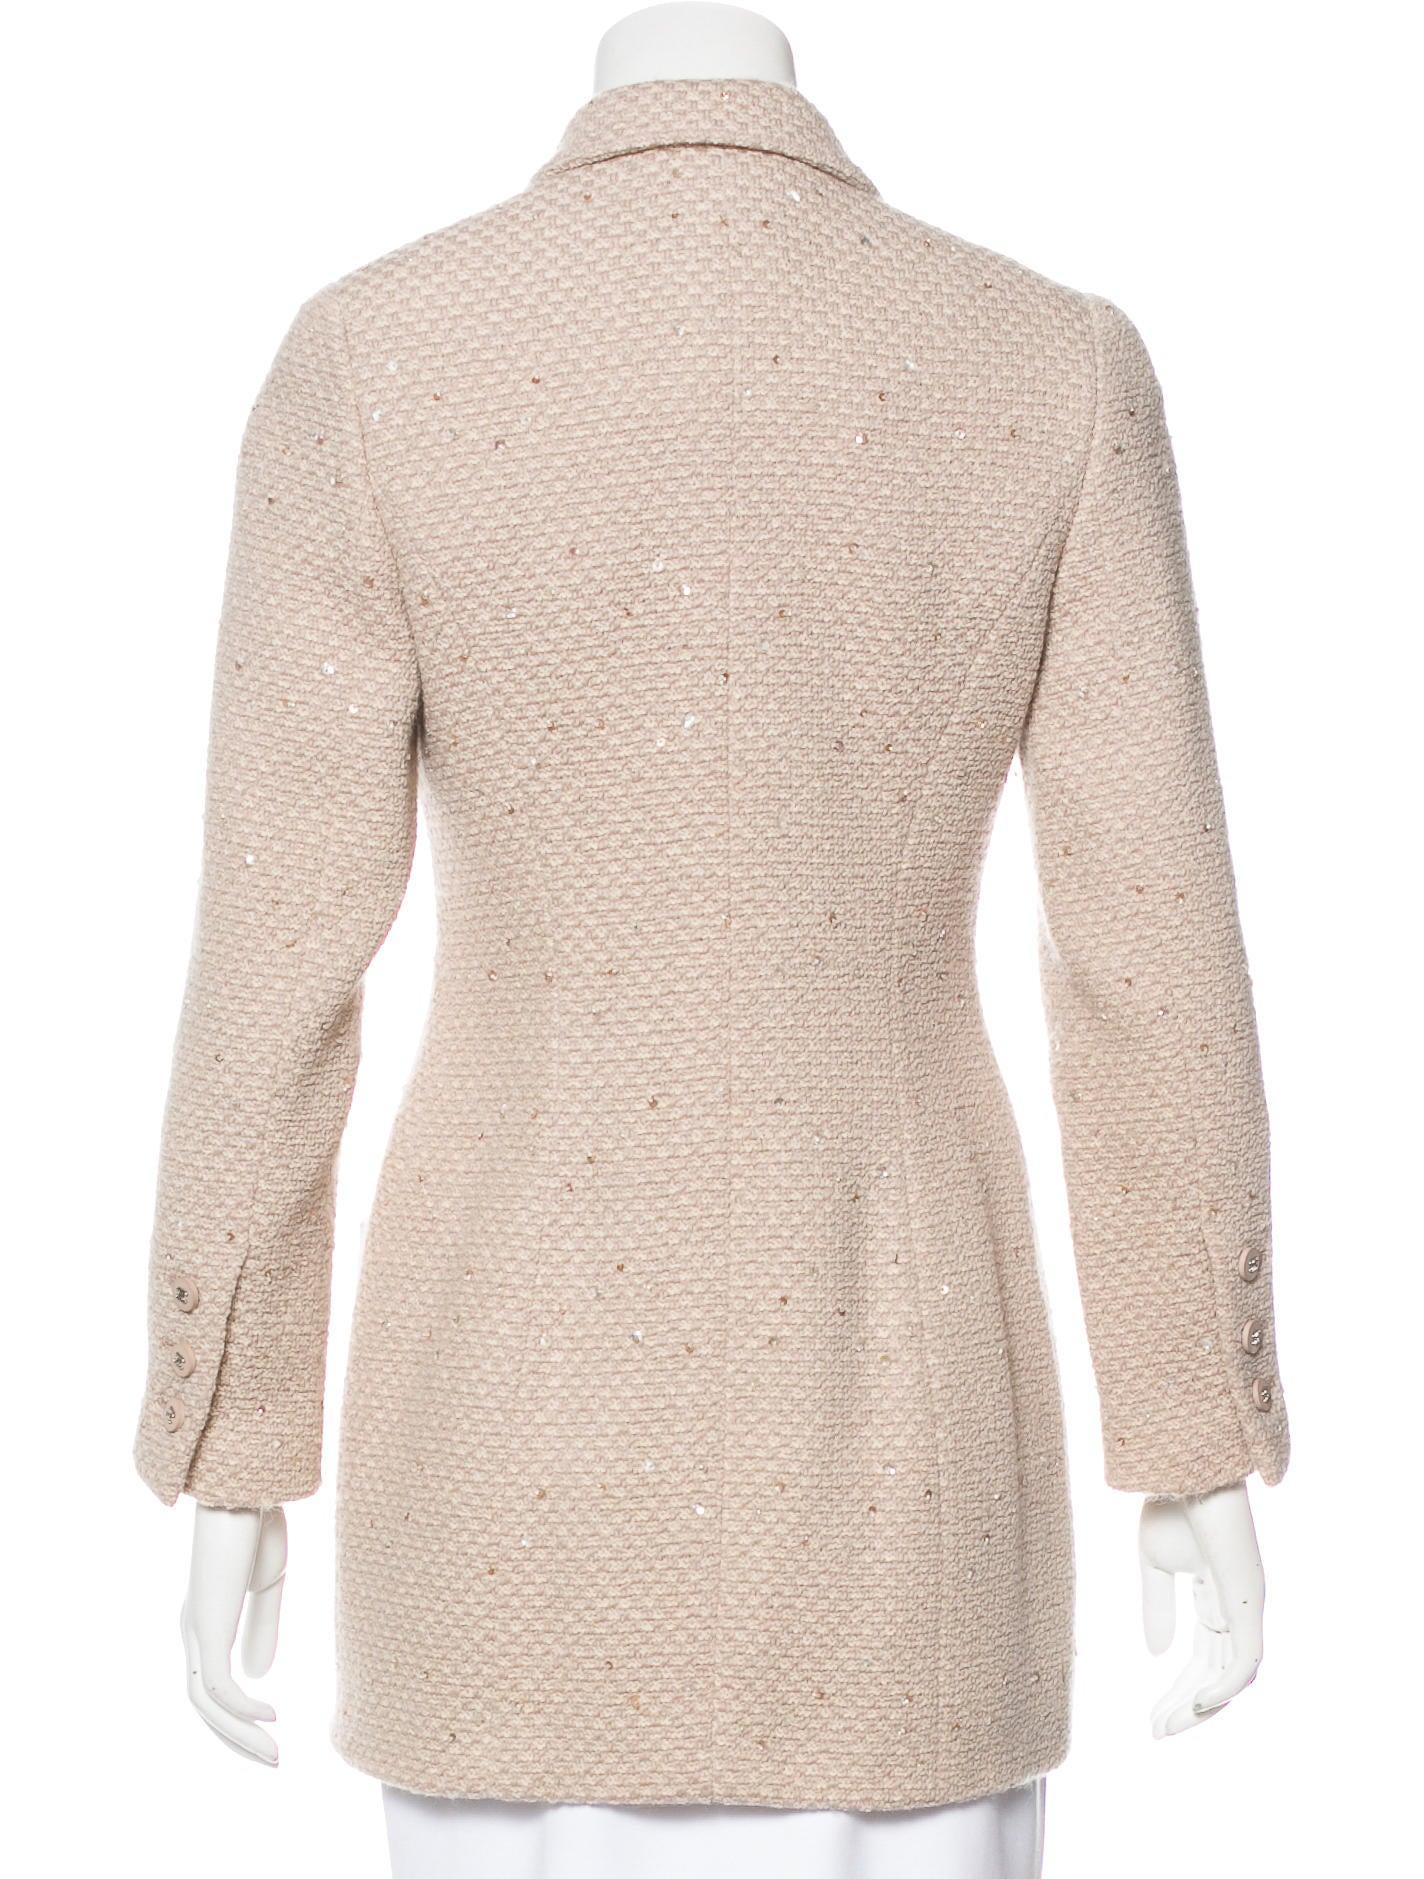 Vintage Wool Coat 2